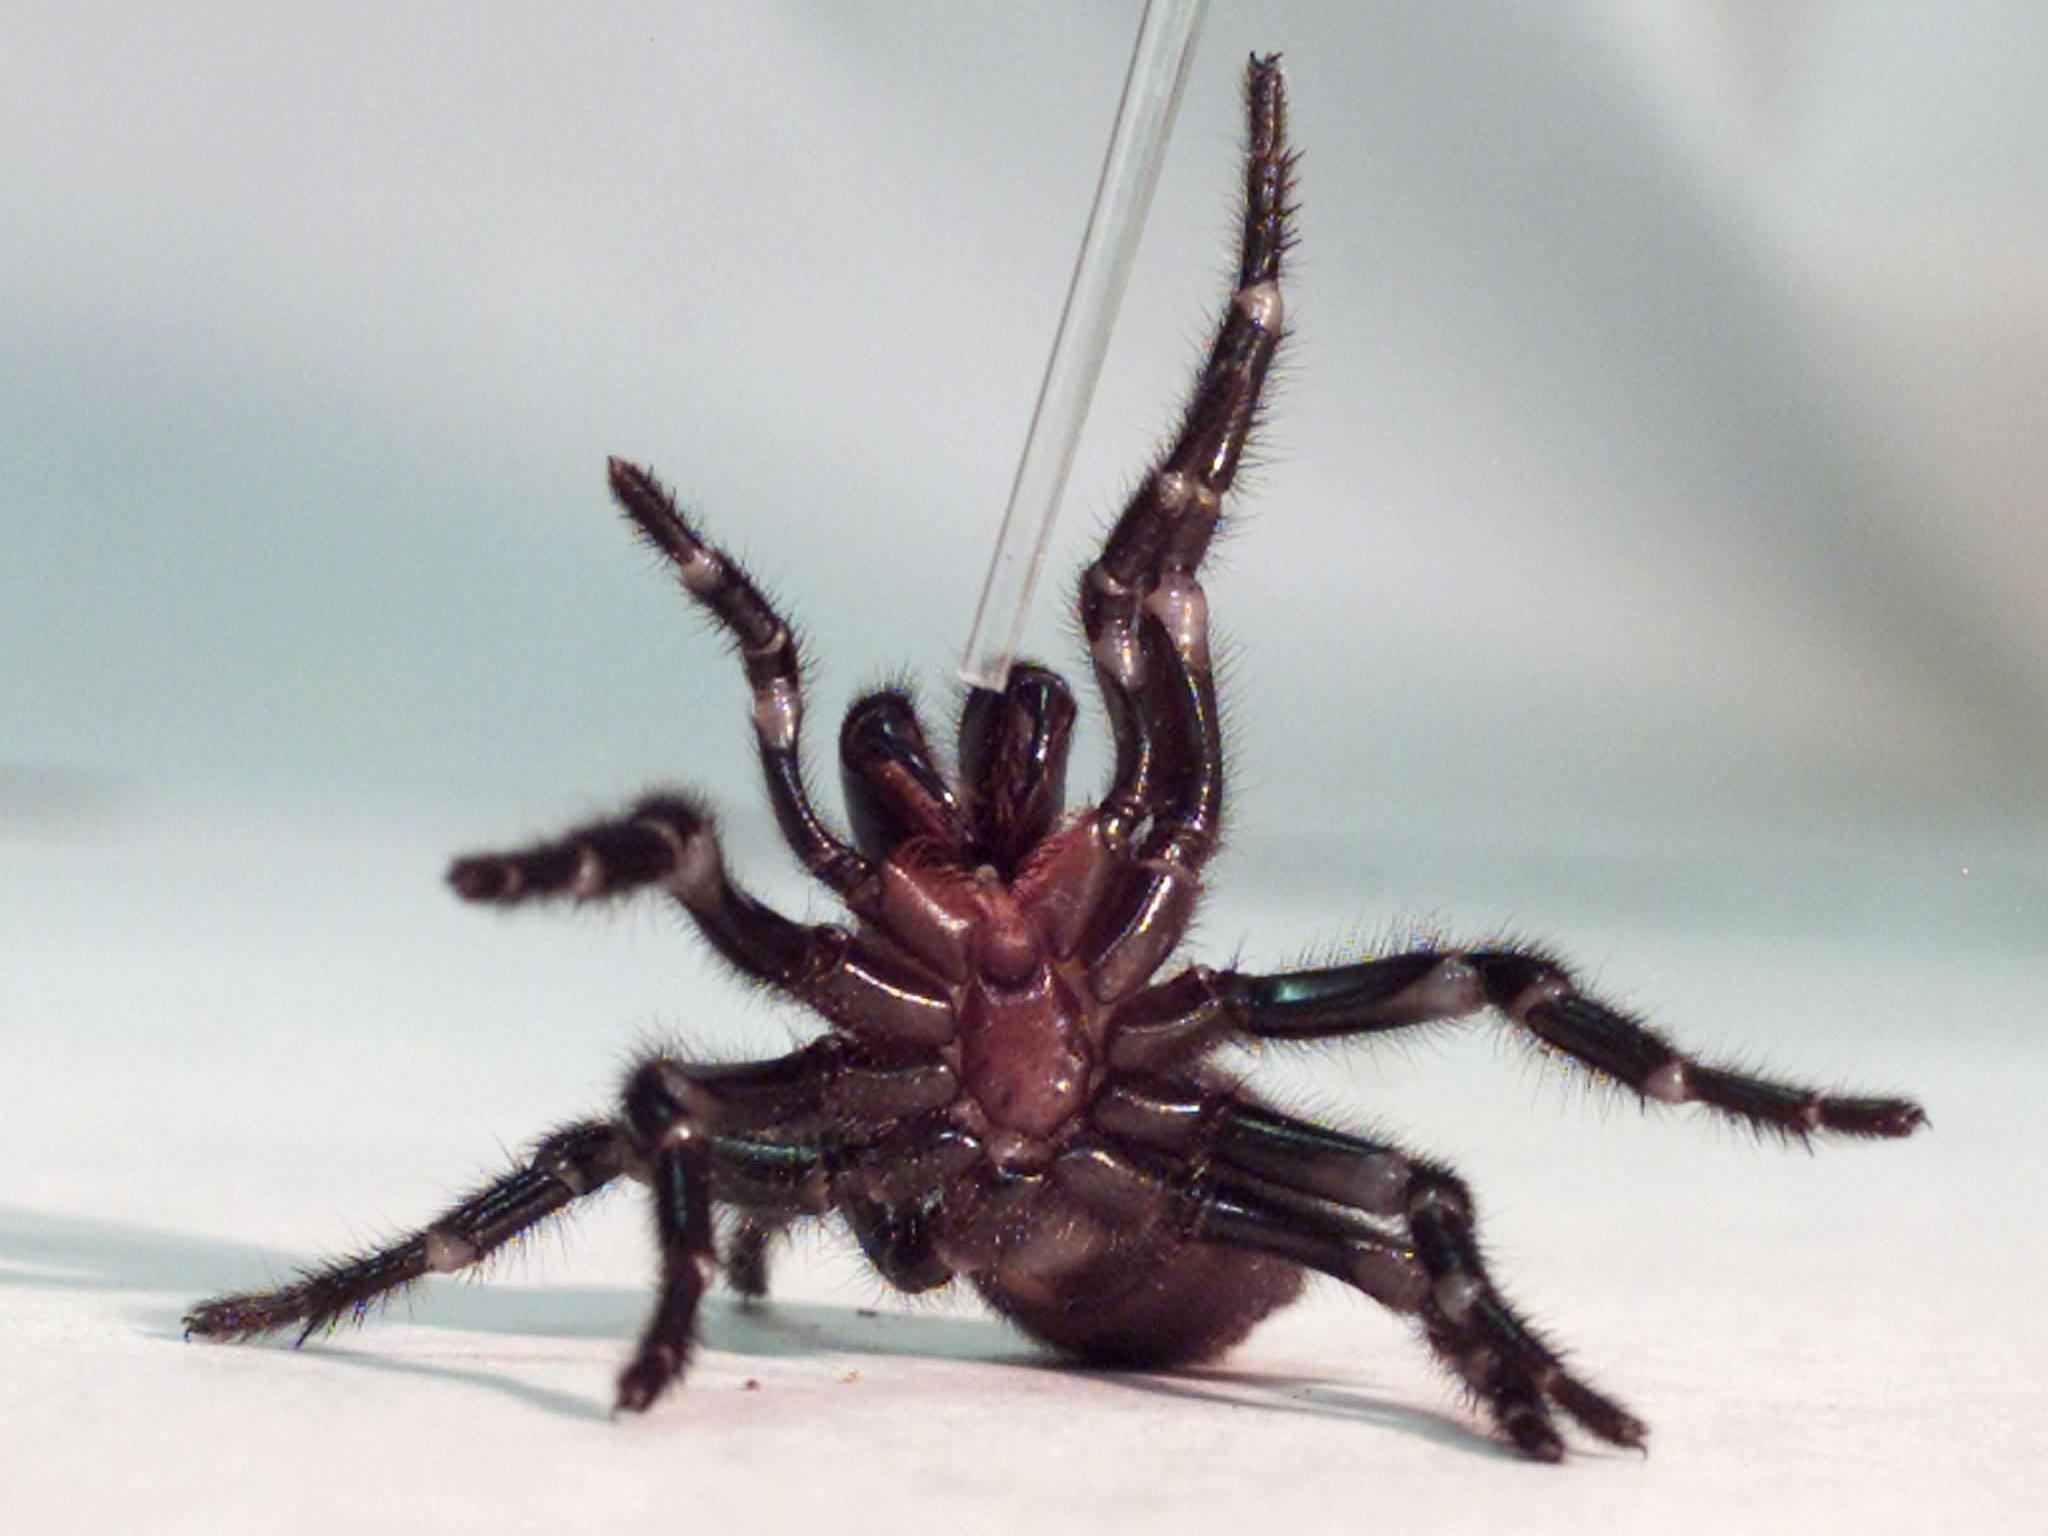 Es werden Hunderte Trichternetzspinnen benötigt, um sie zu melken und aus dem Serum das Gegengift herzustellen.